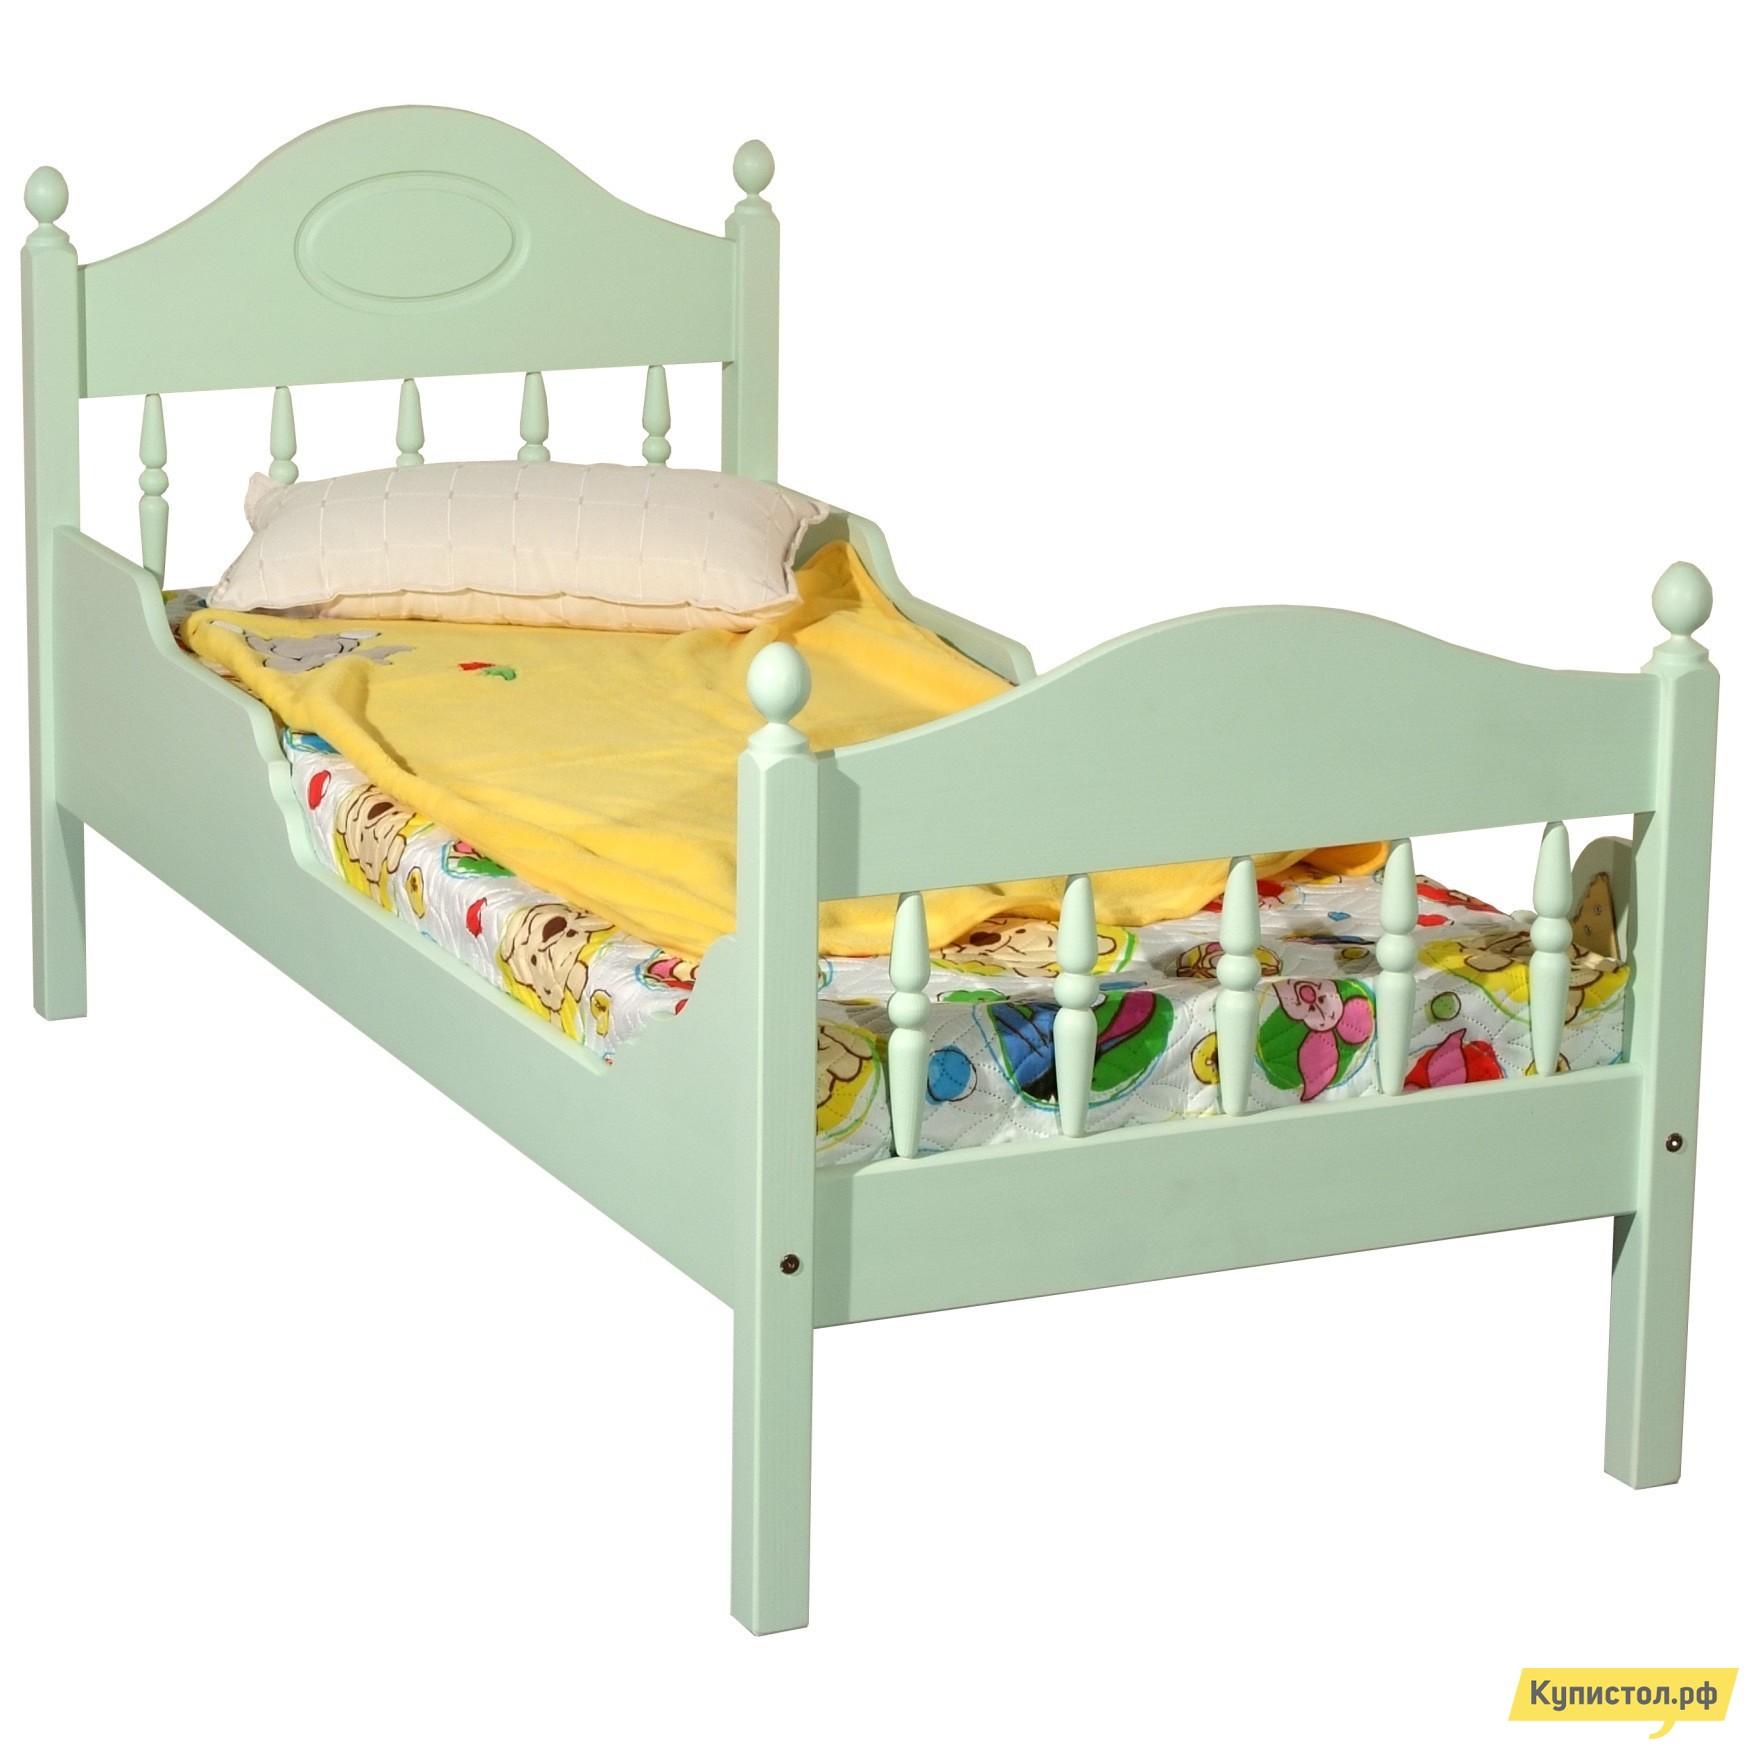 Детская кровать Timberica Кровать Фрея-2 детская Спальное место 900 Х 2000 мм